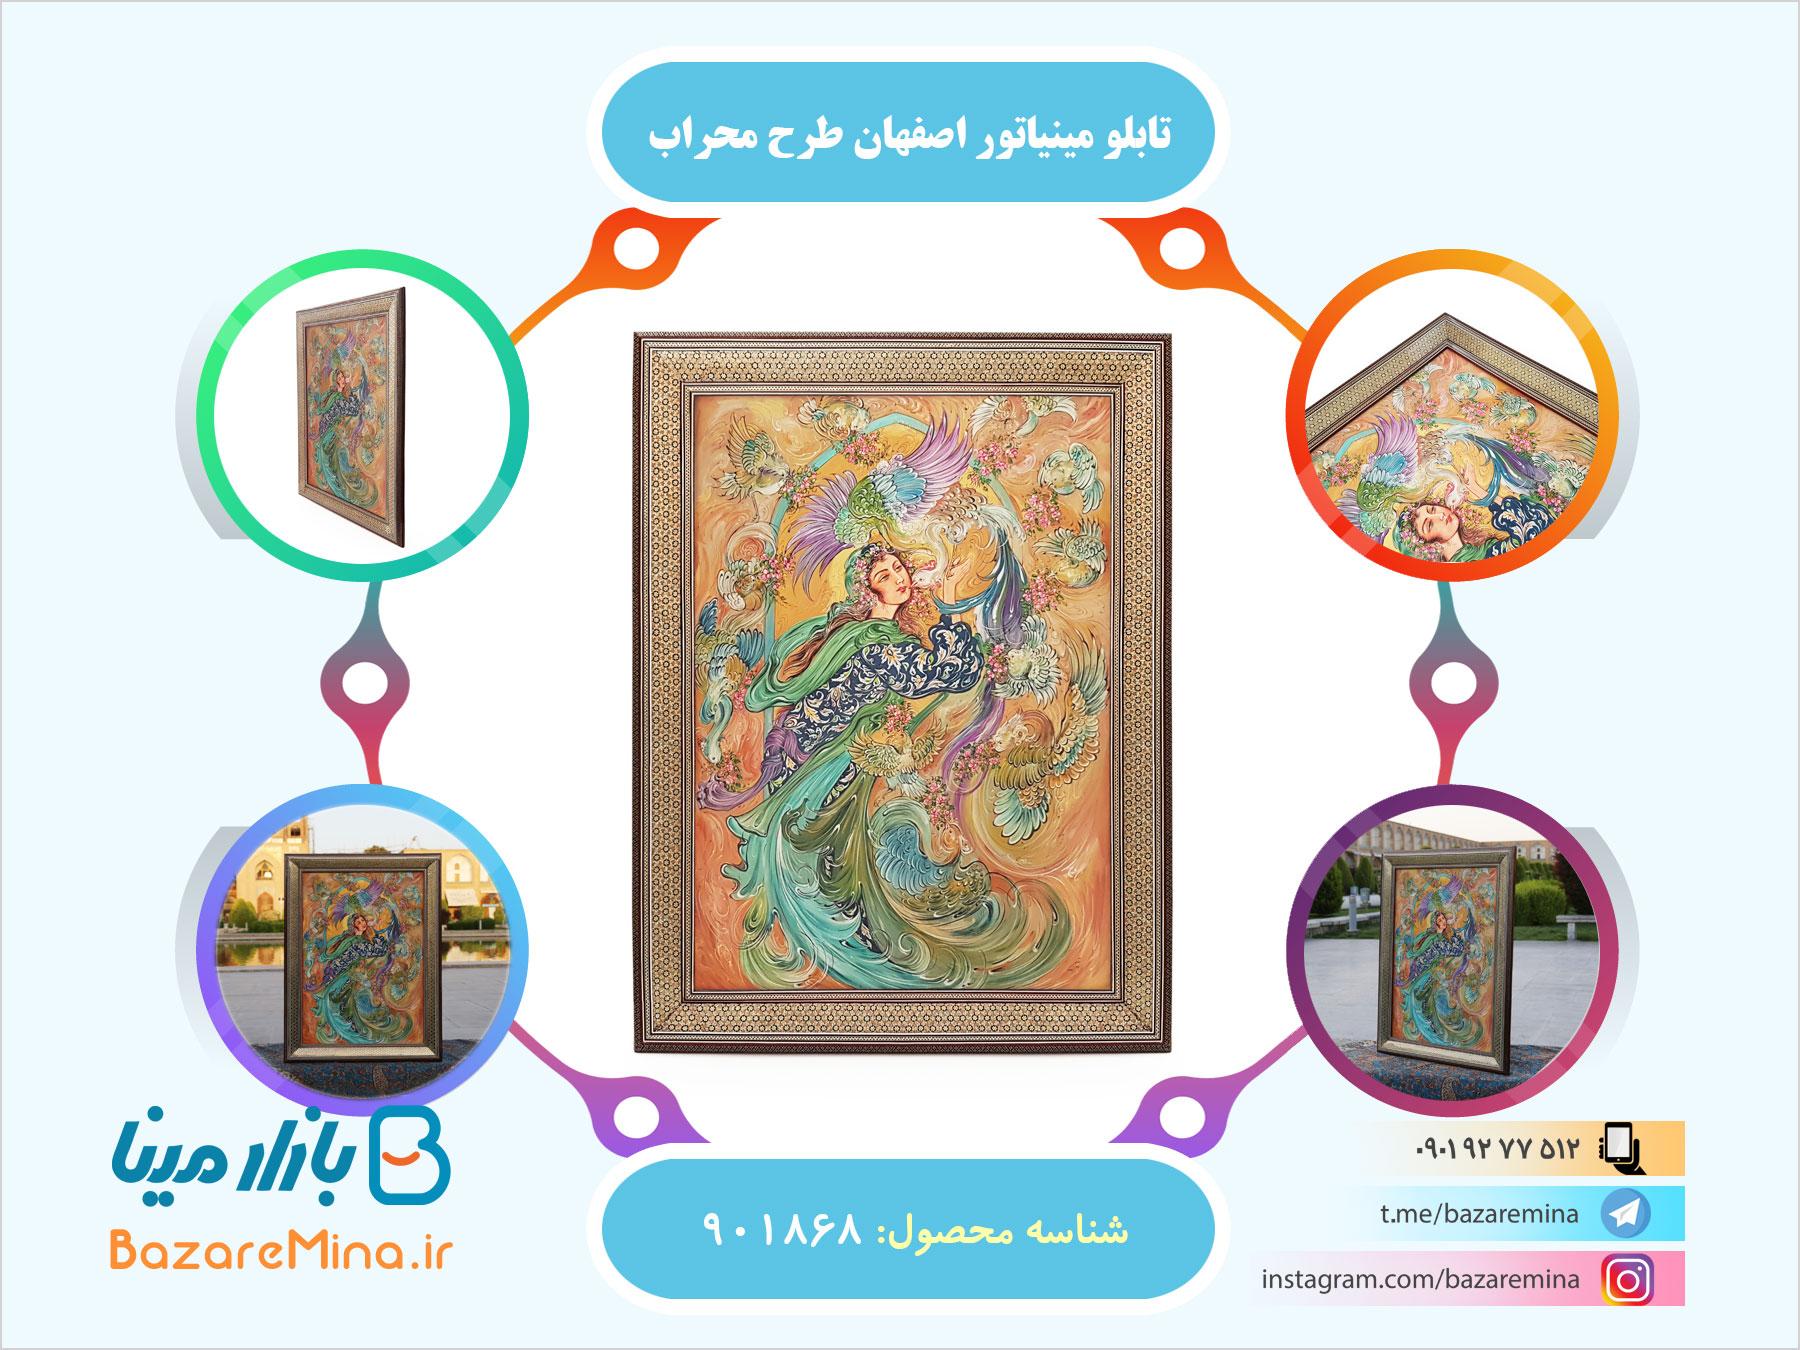 تابلو مینیاتور اصفهان طرح محراب